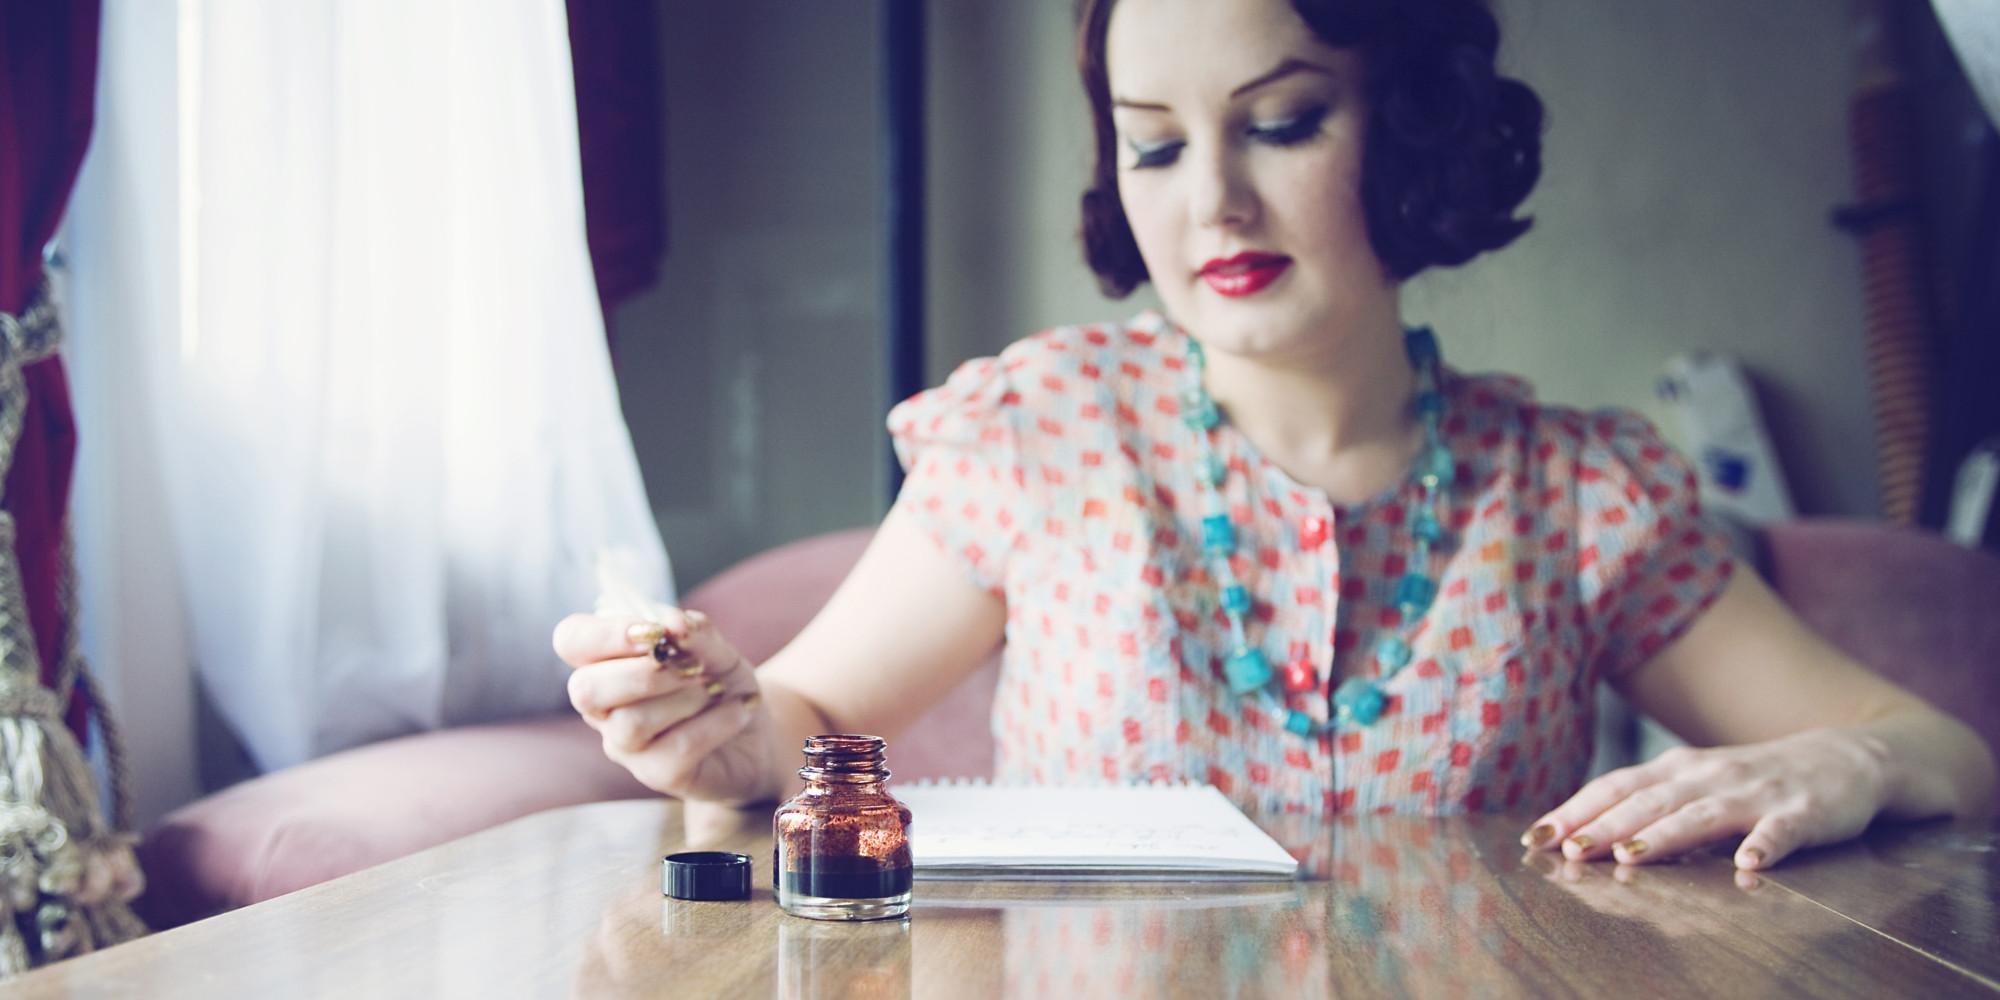 Πώς να γράφεις καλύτερα άρθρα για πελάτες ή το blog σου